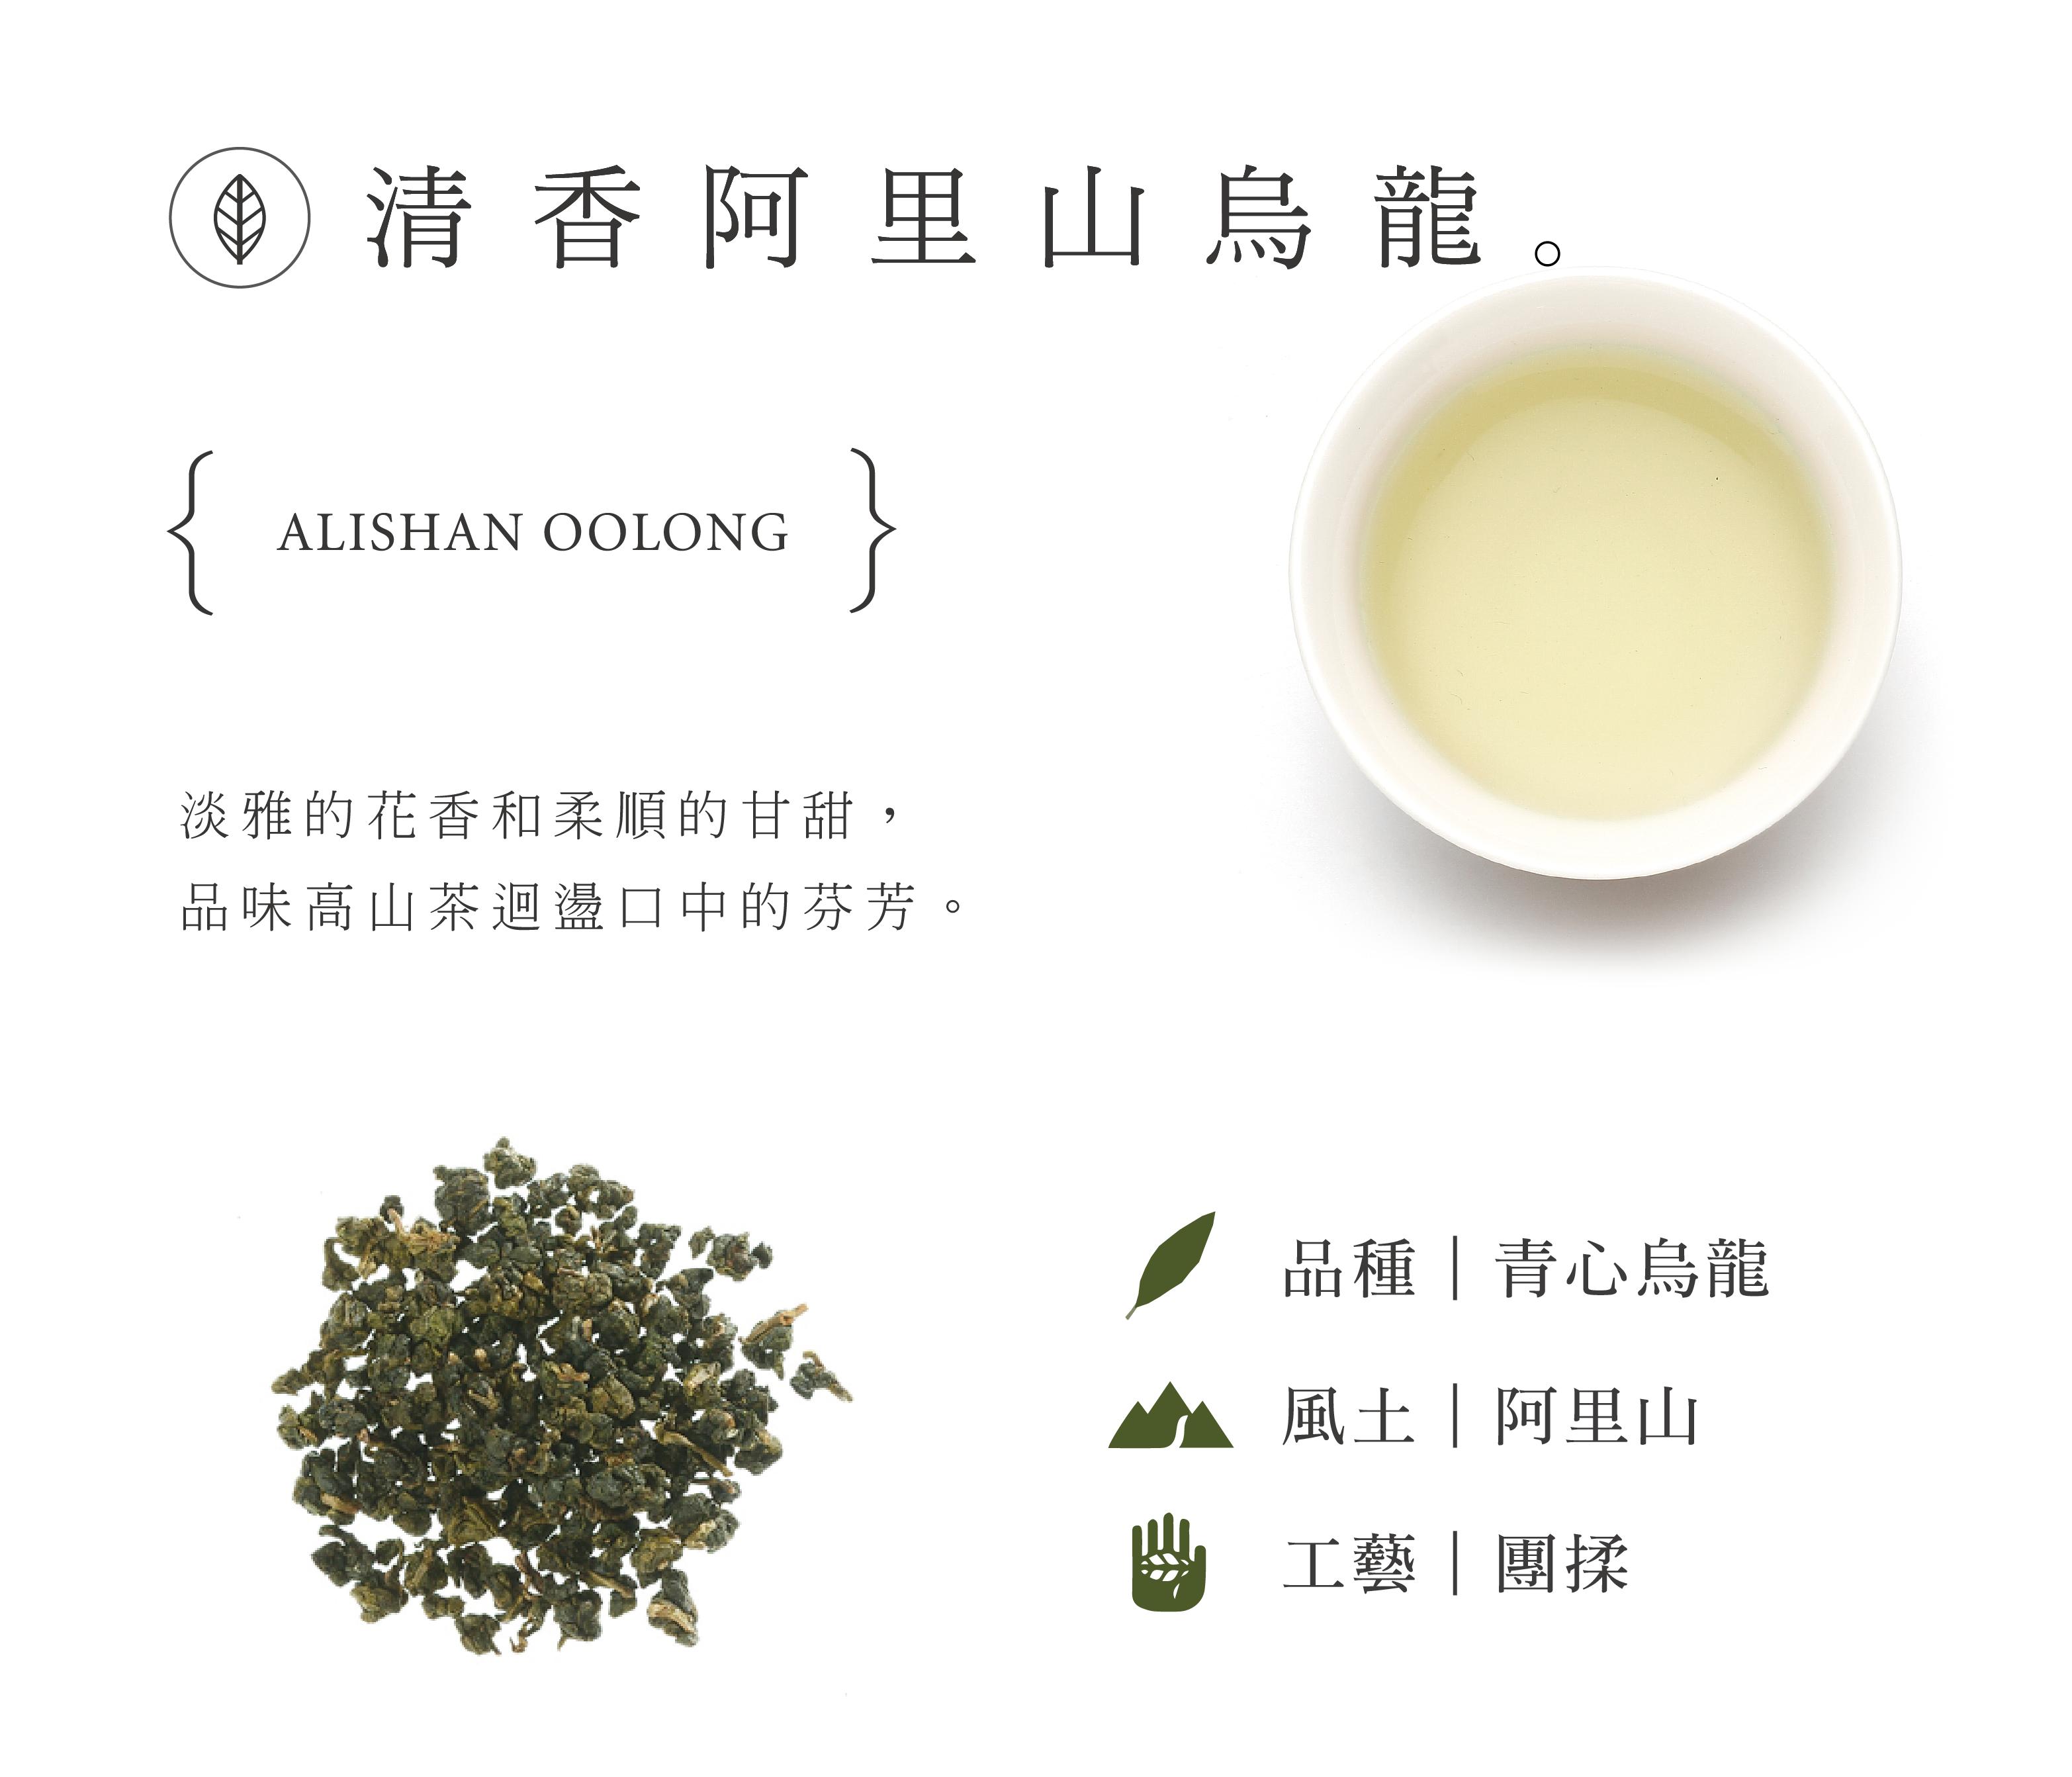 清香阿里山烏龍 淡雅的花香和柔順的甘甜,品味高山茶迴盪口中的芬芳。